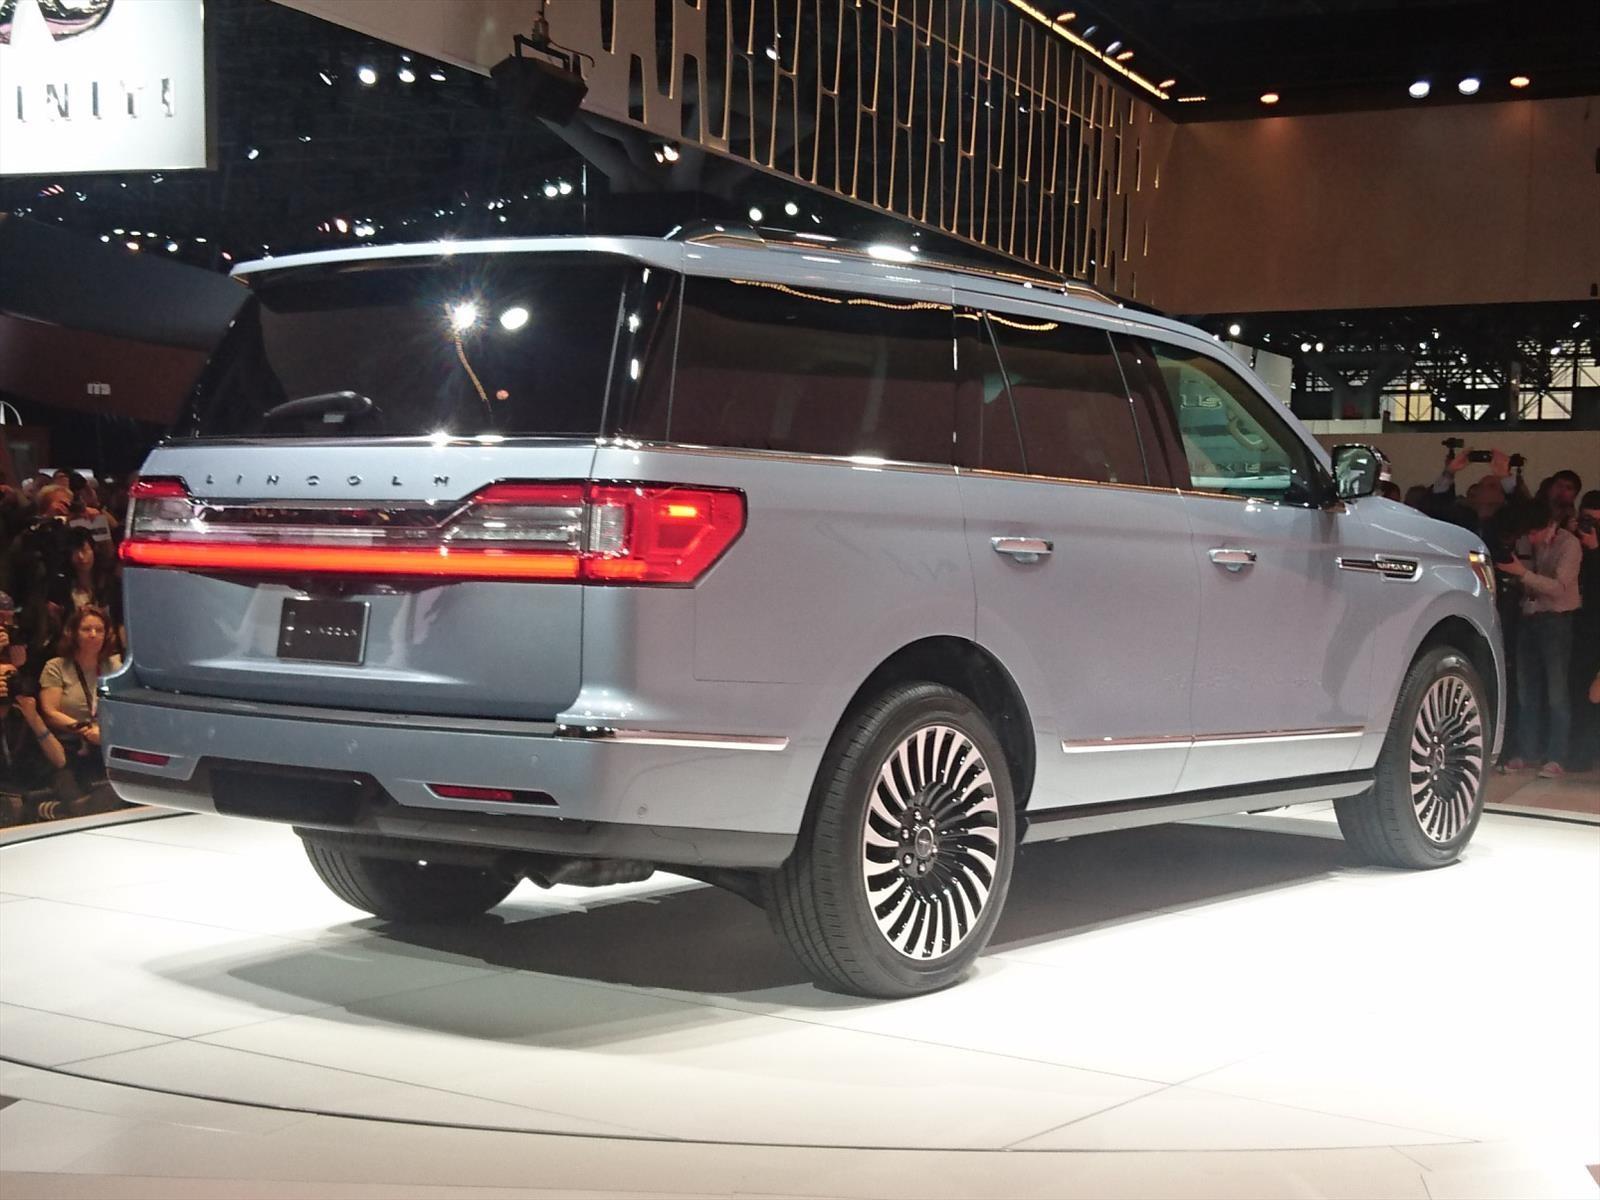 Lincoln Navigator 2018, la nueva generación - Autocosmos.com